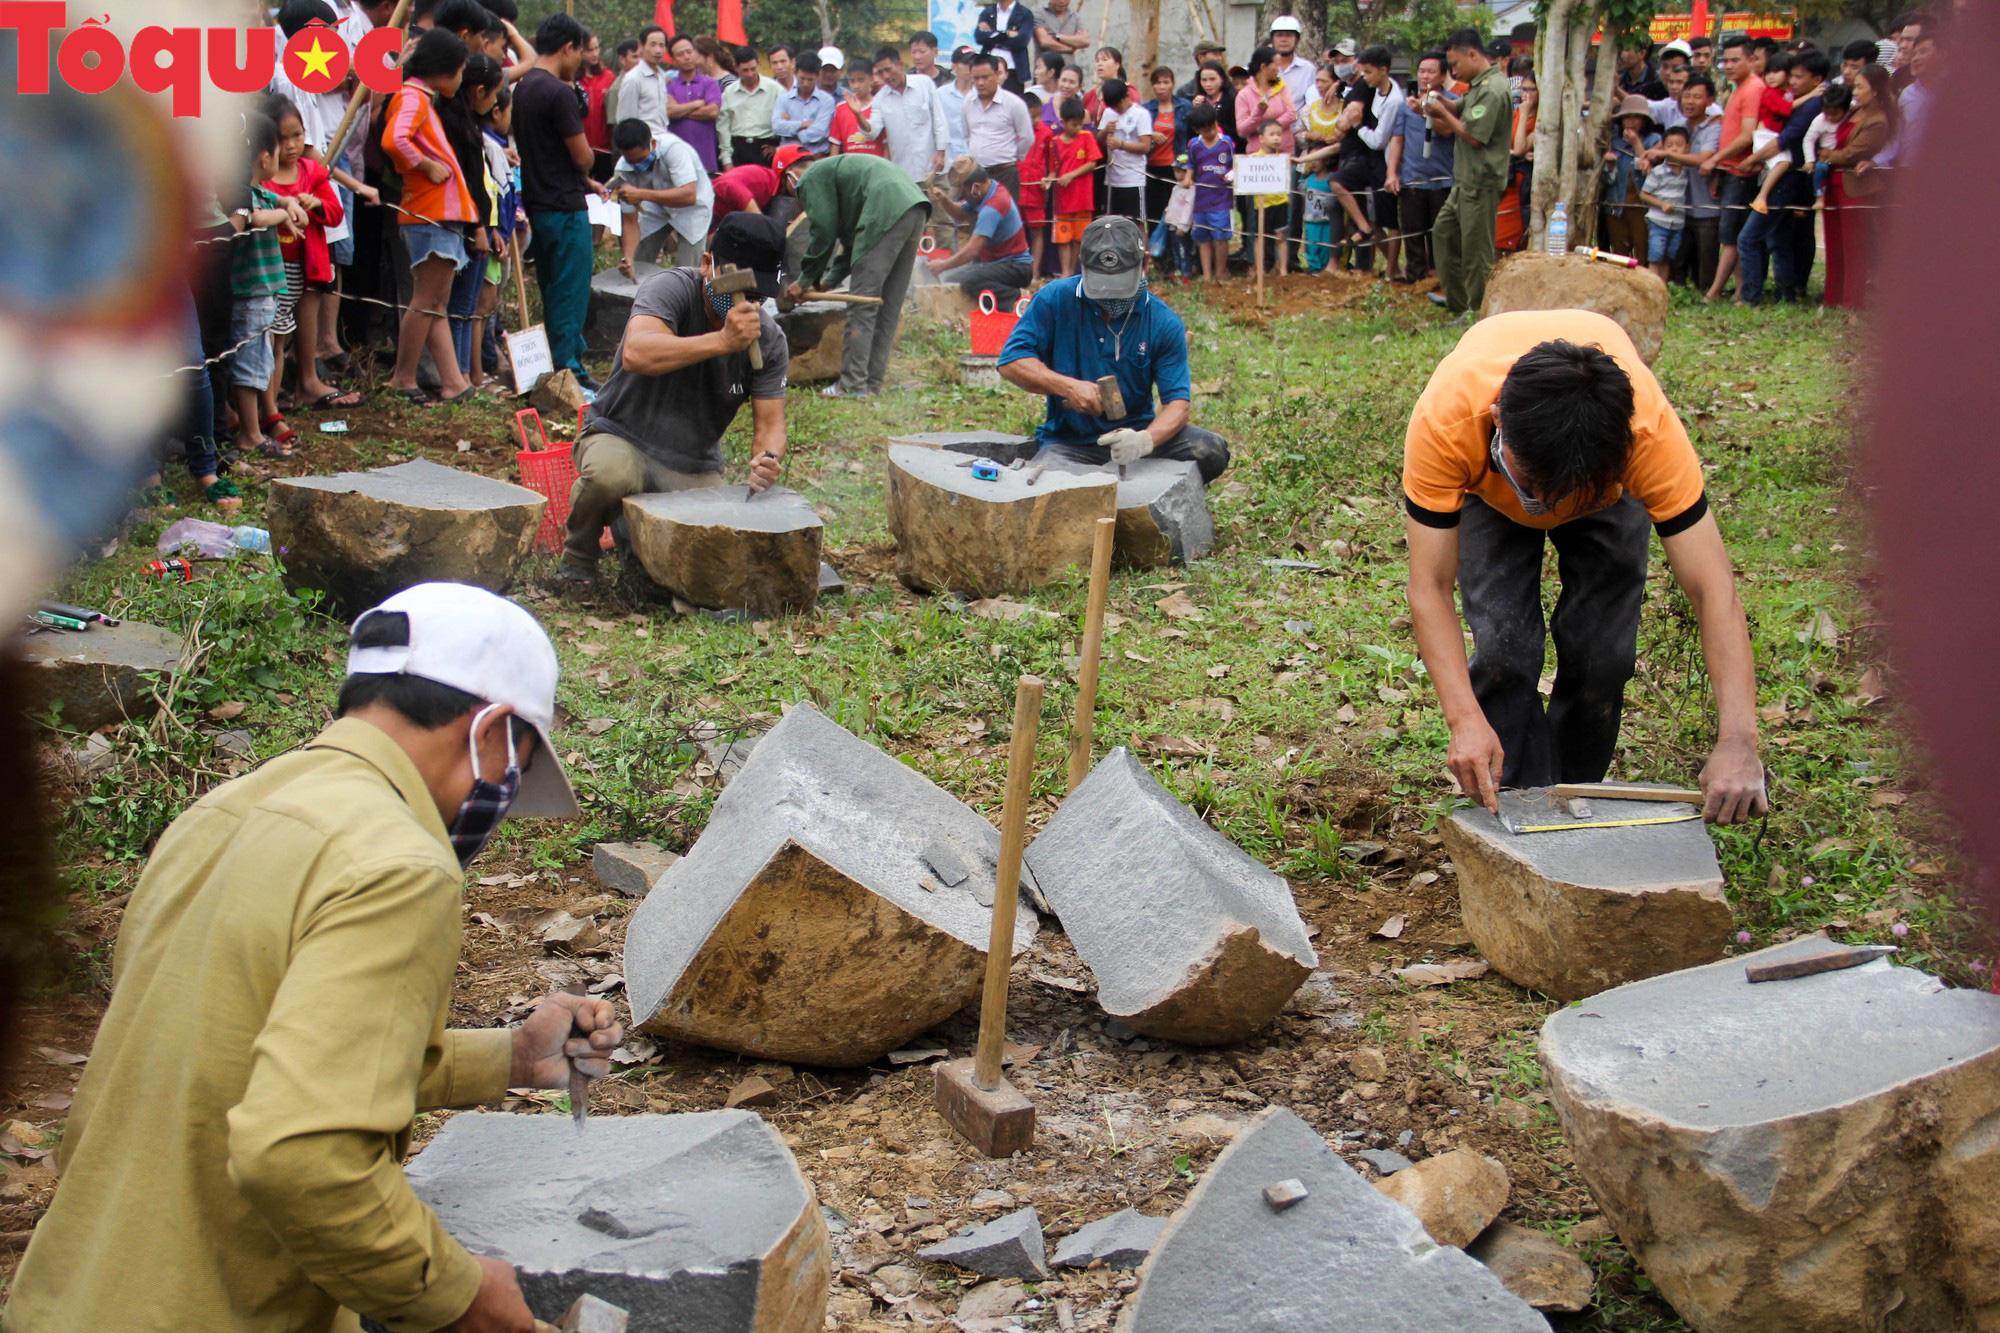 Độc đáo hội thi chẻ đá mồ côi ở Quảng Trị - Ảnh 12.